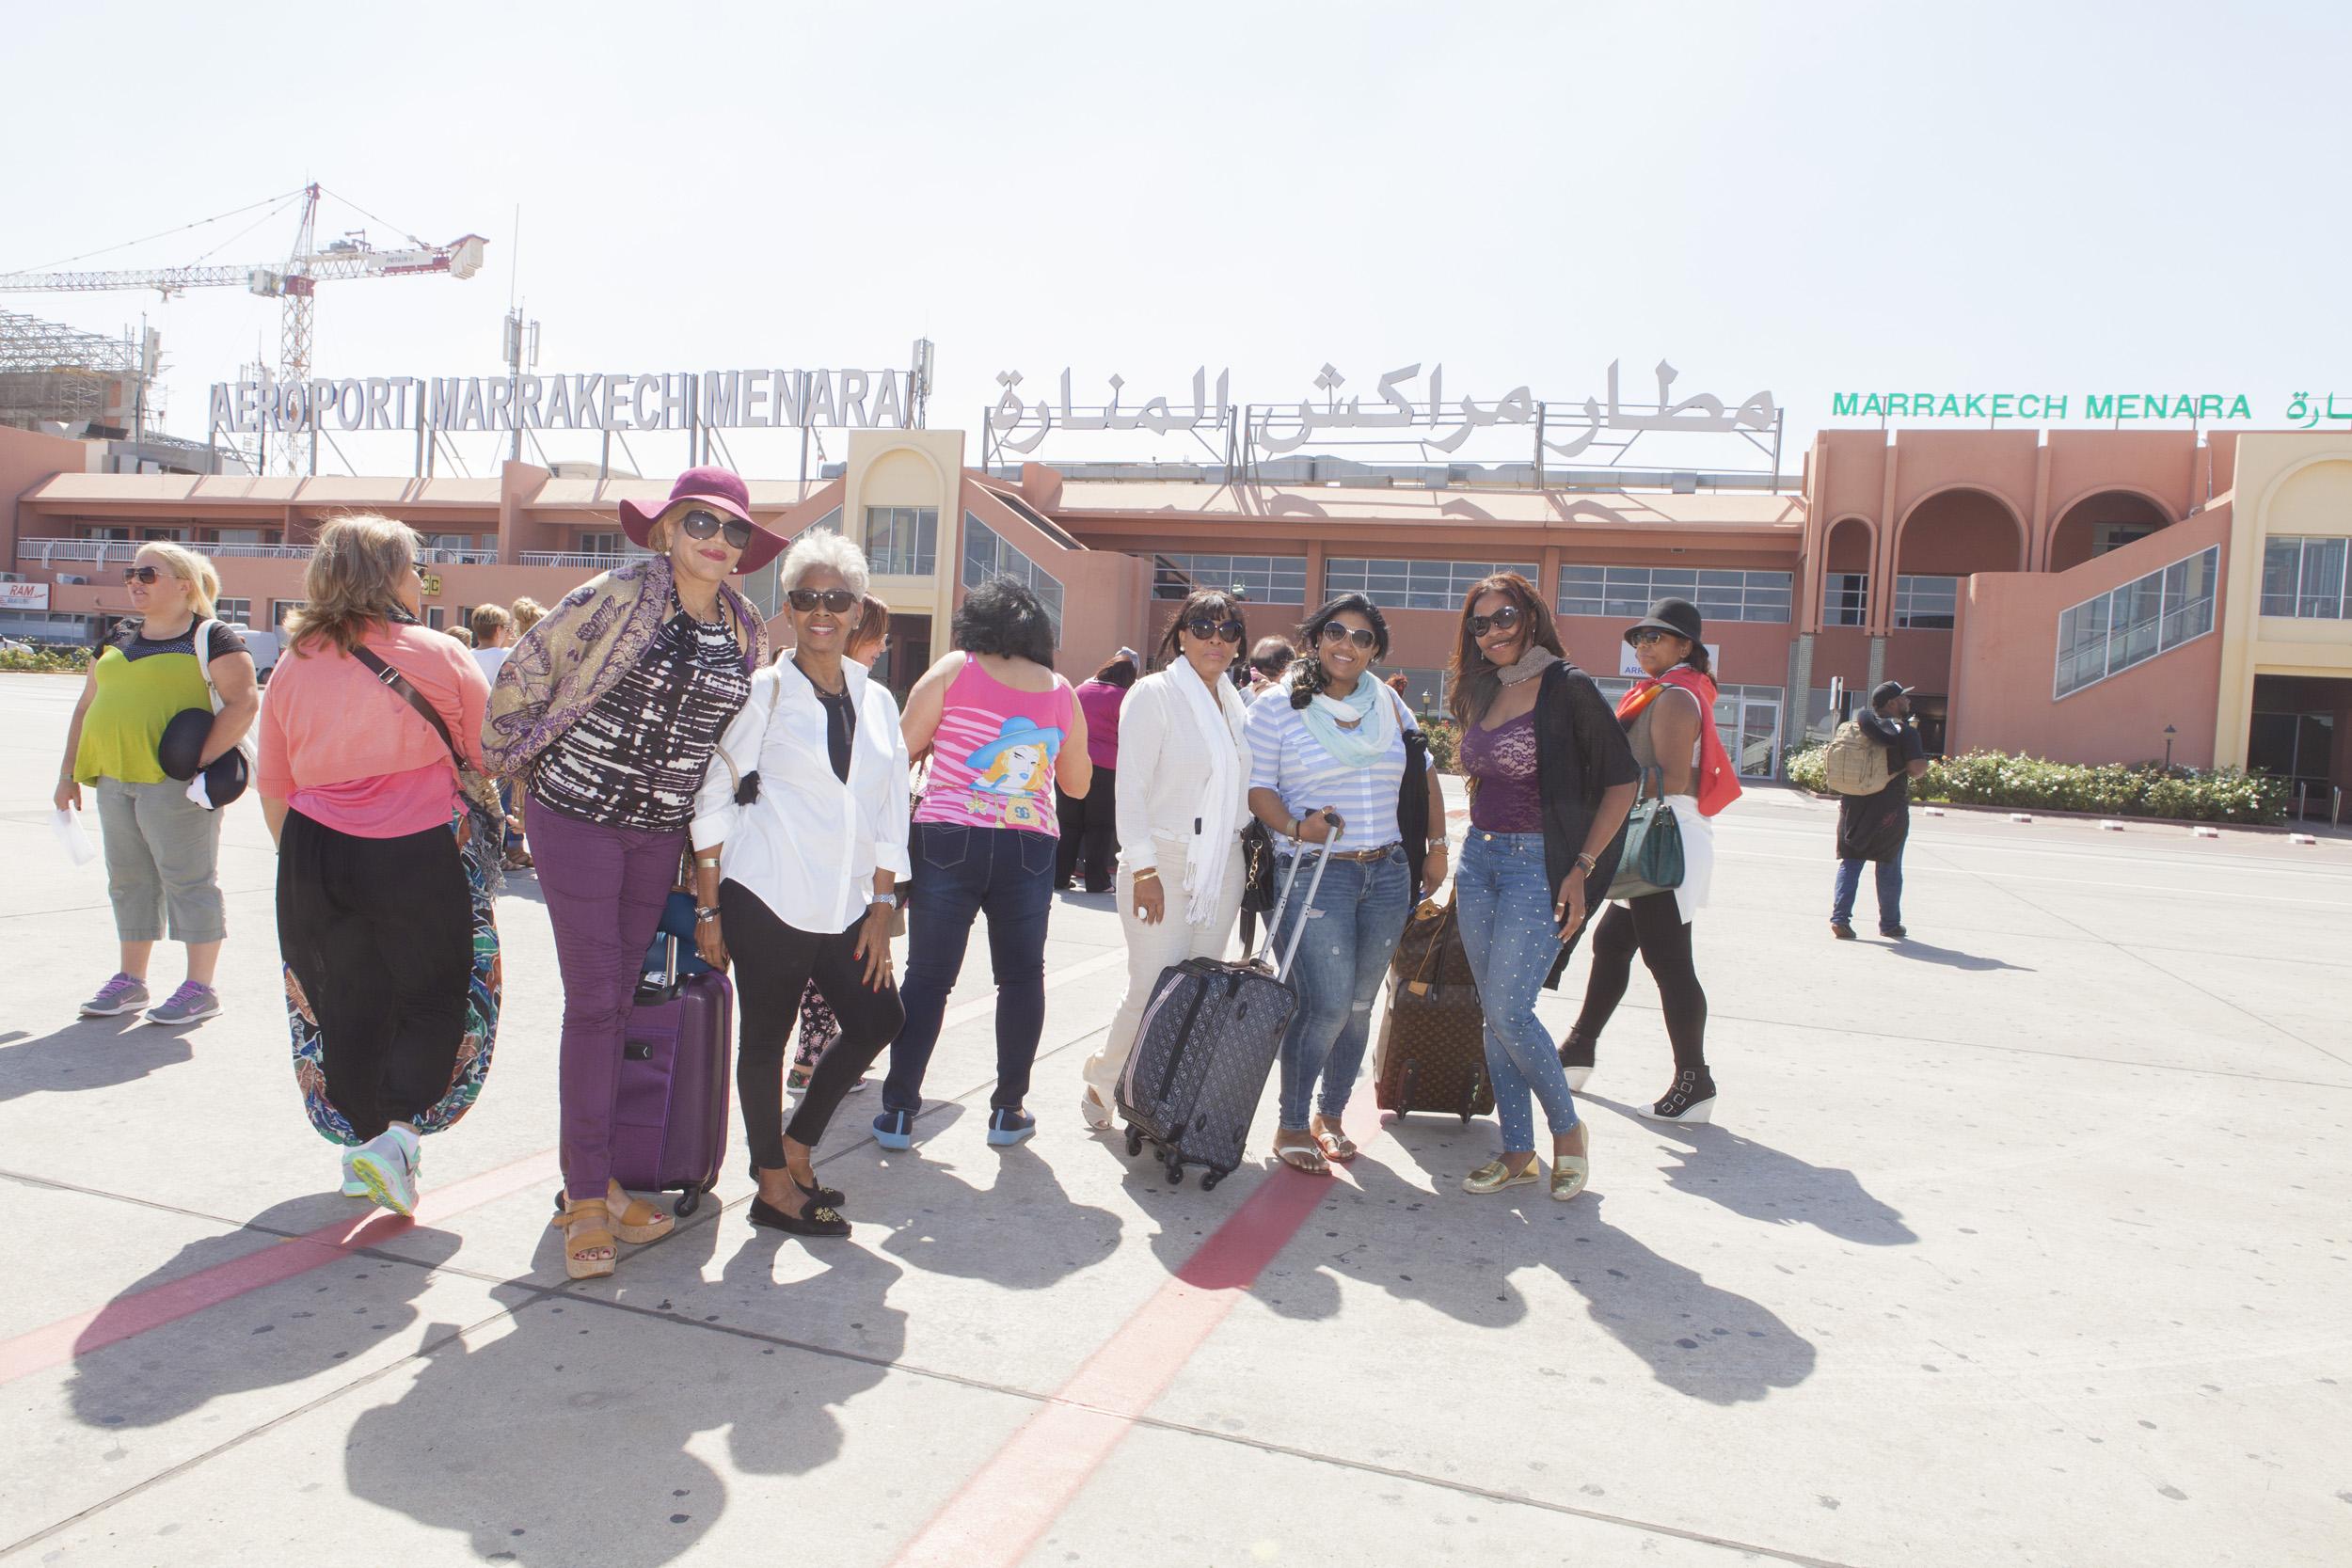 llegada_marrakech_convencion_anual_salerm_cosmetics_proline_24